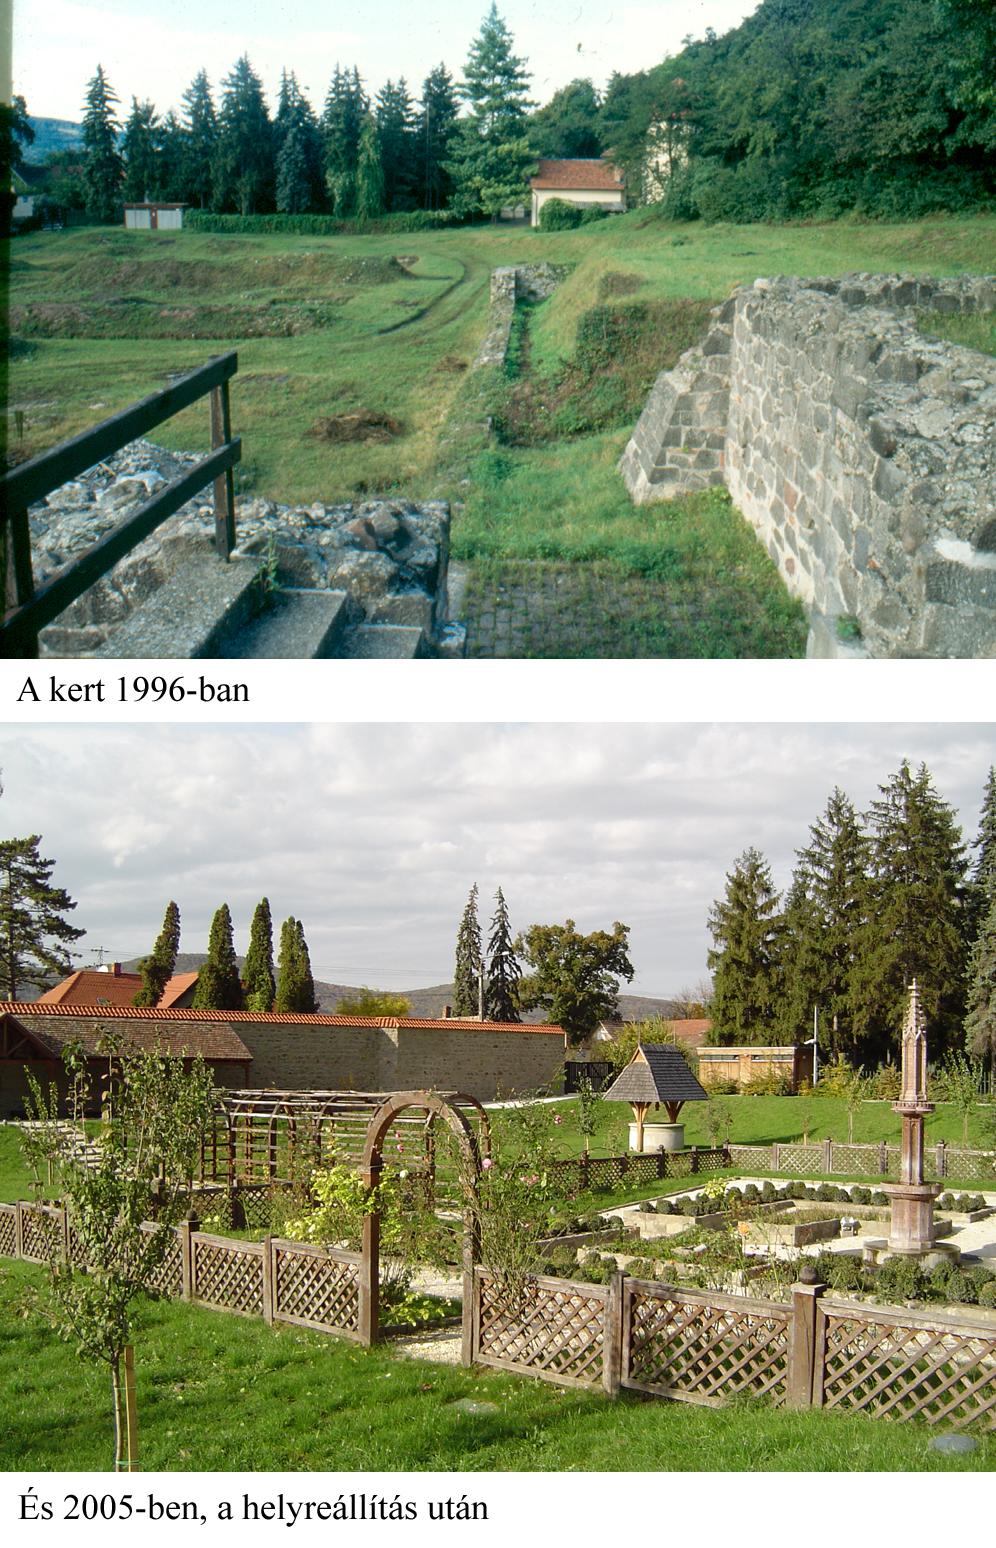 A kert 1996-ban és 2005-ben